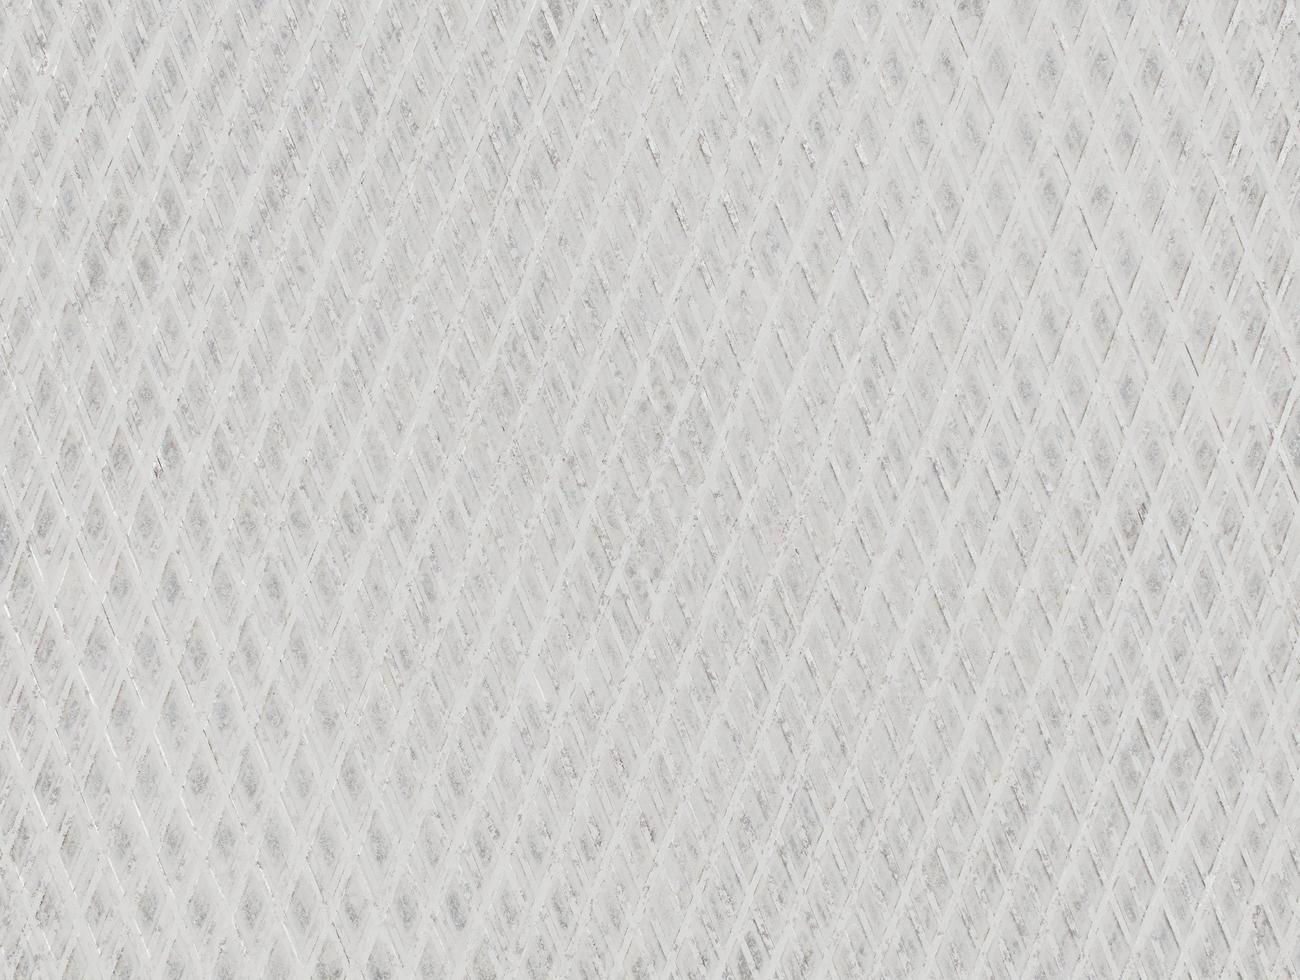 abstrakt oxidstålstruktur foto